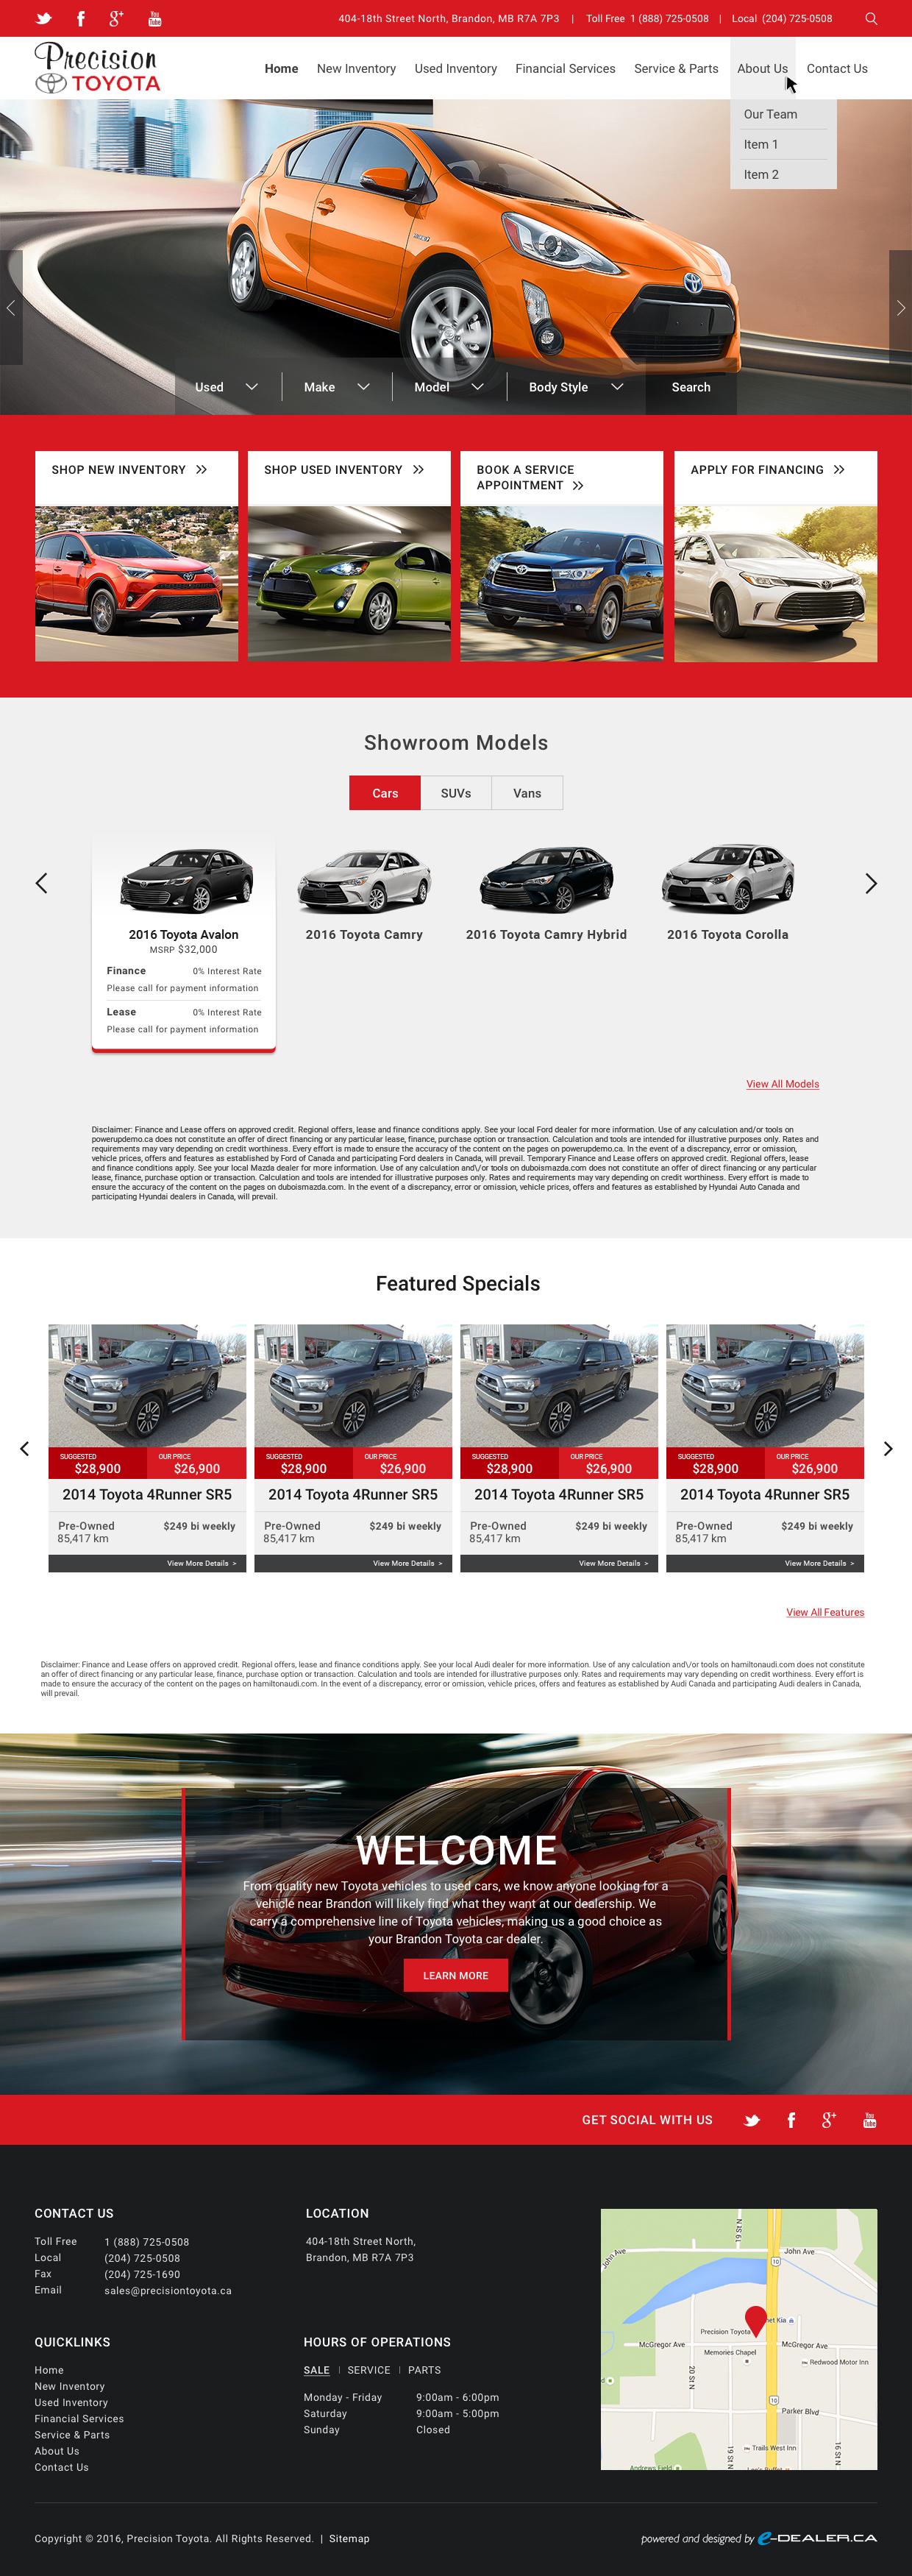 PrecisionToyota-Design-1240px